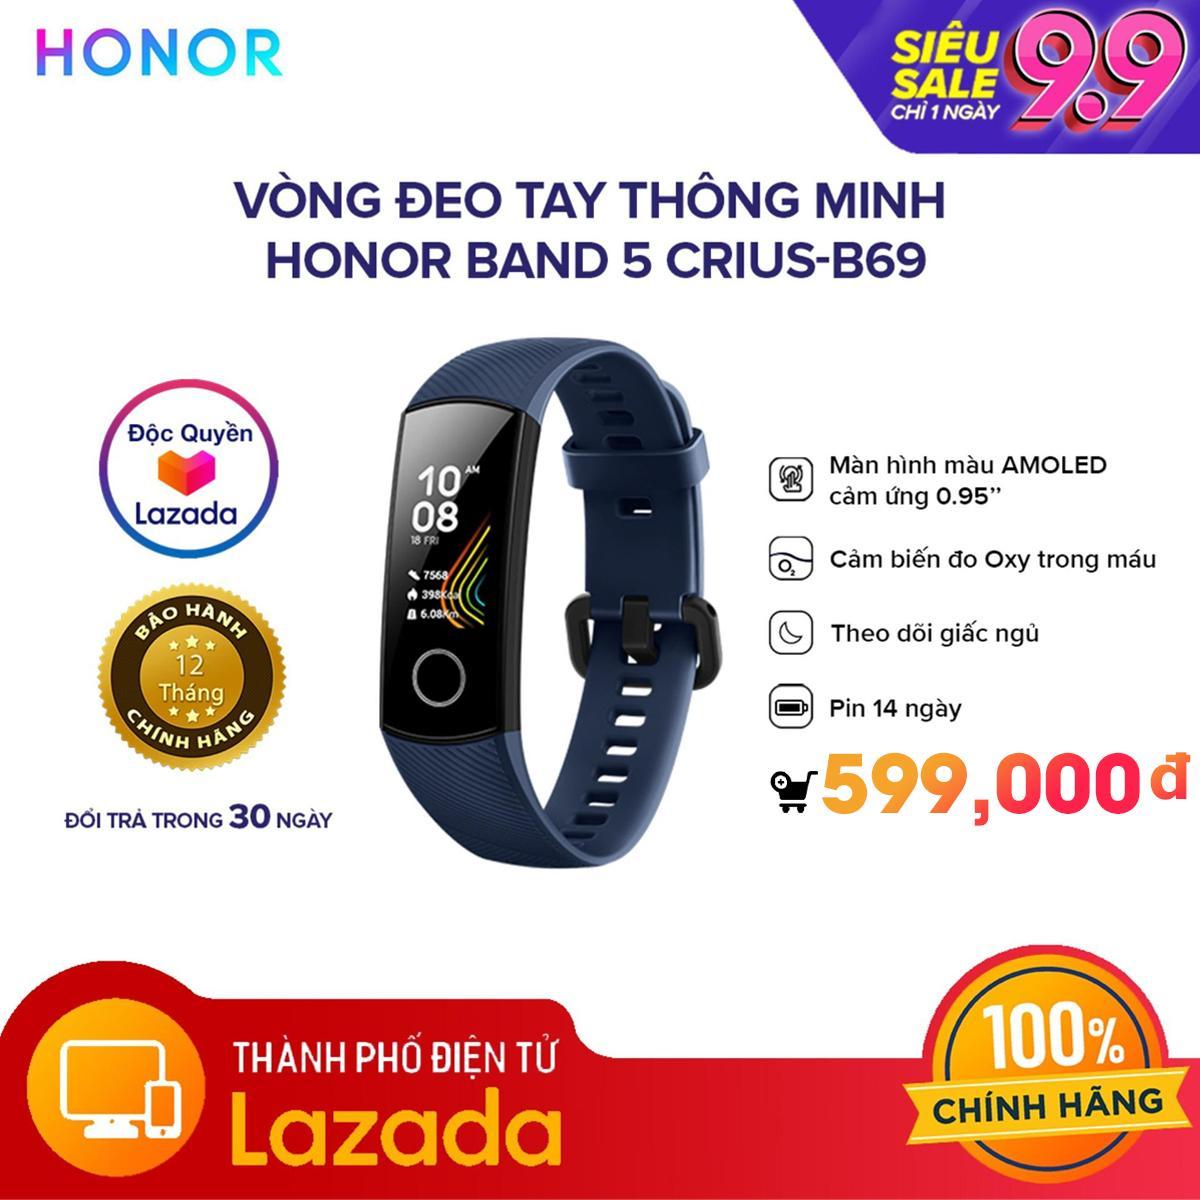 Vòng đeo tay thông minh Honor Band 5 CRIUS-B69 -...